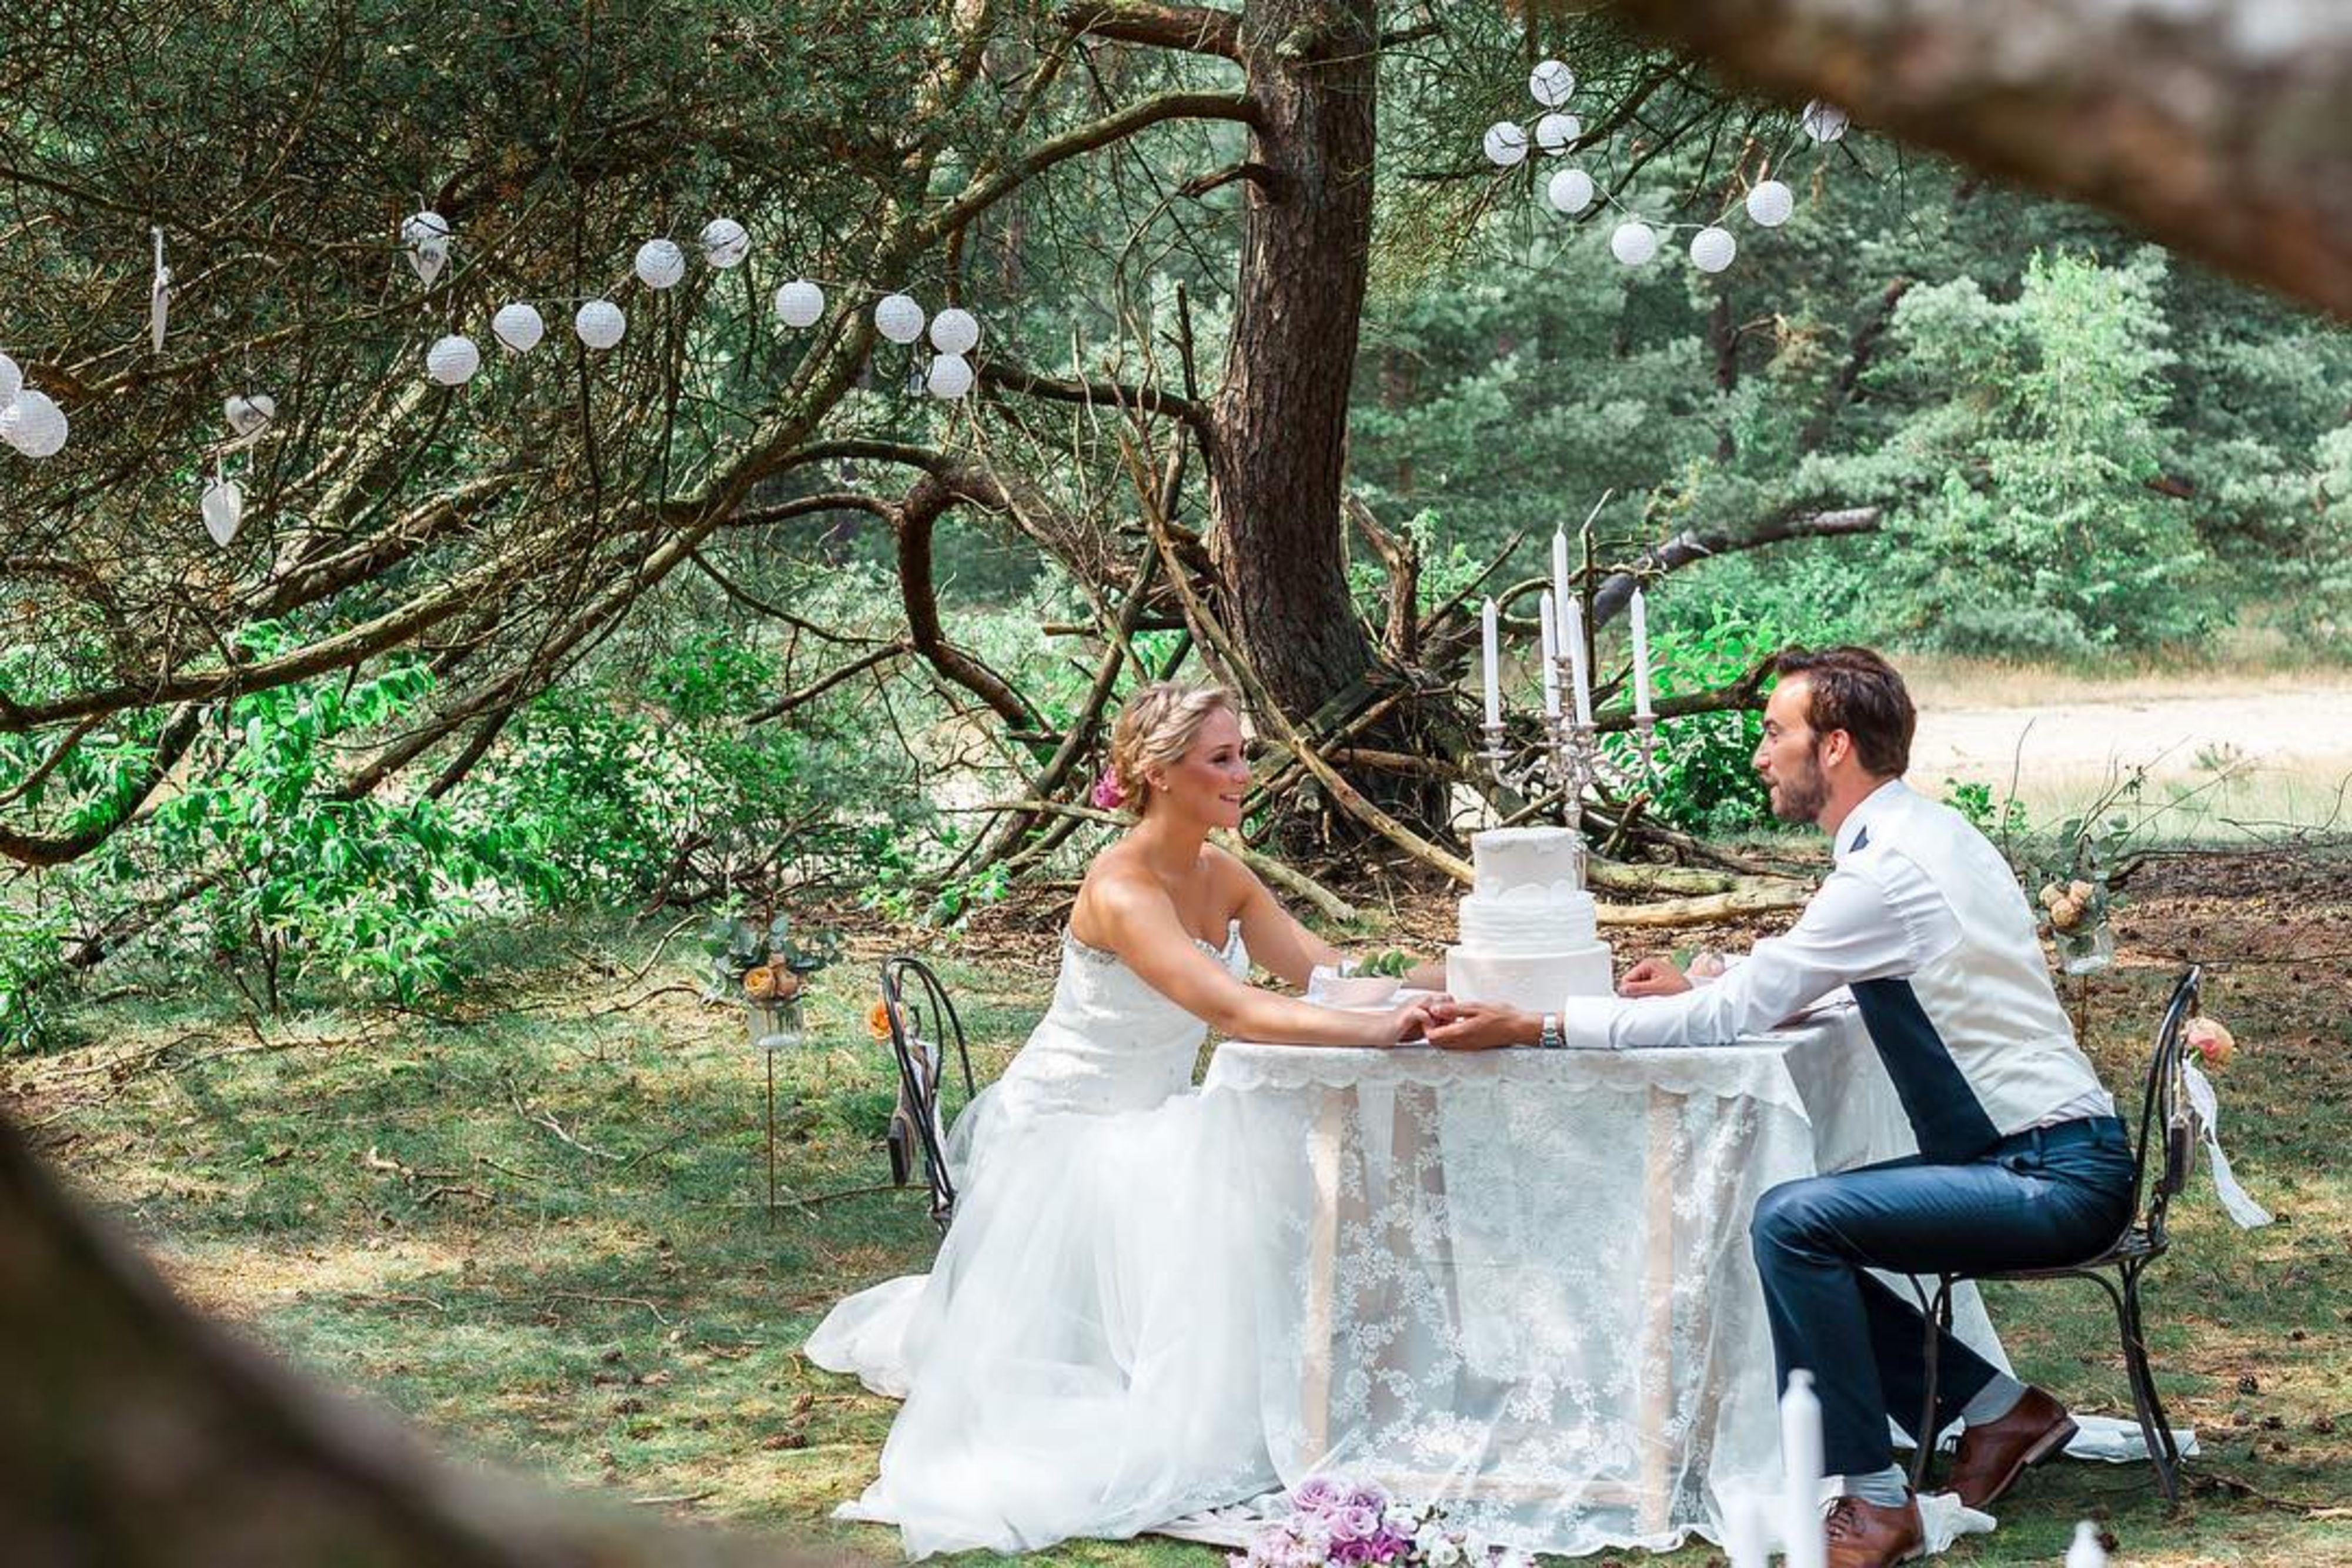 C'est la vie weddings